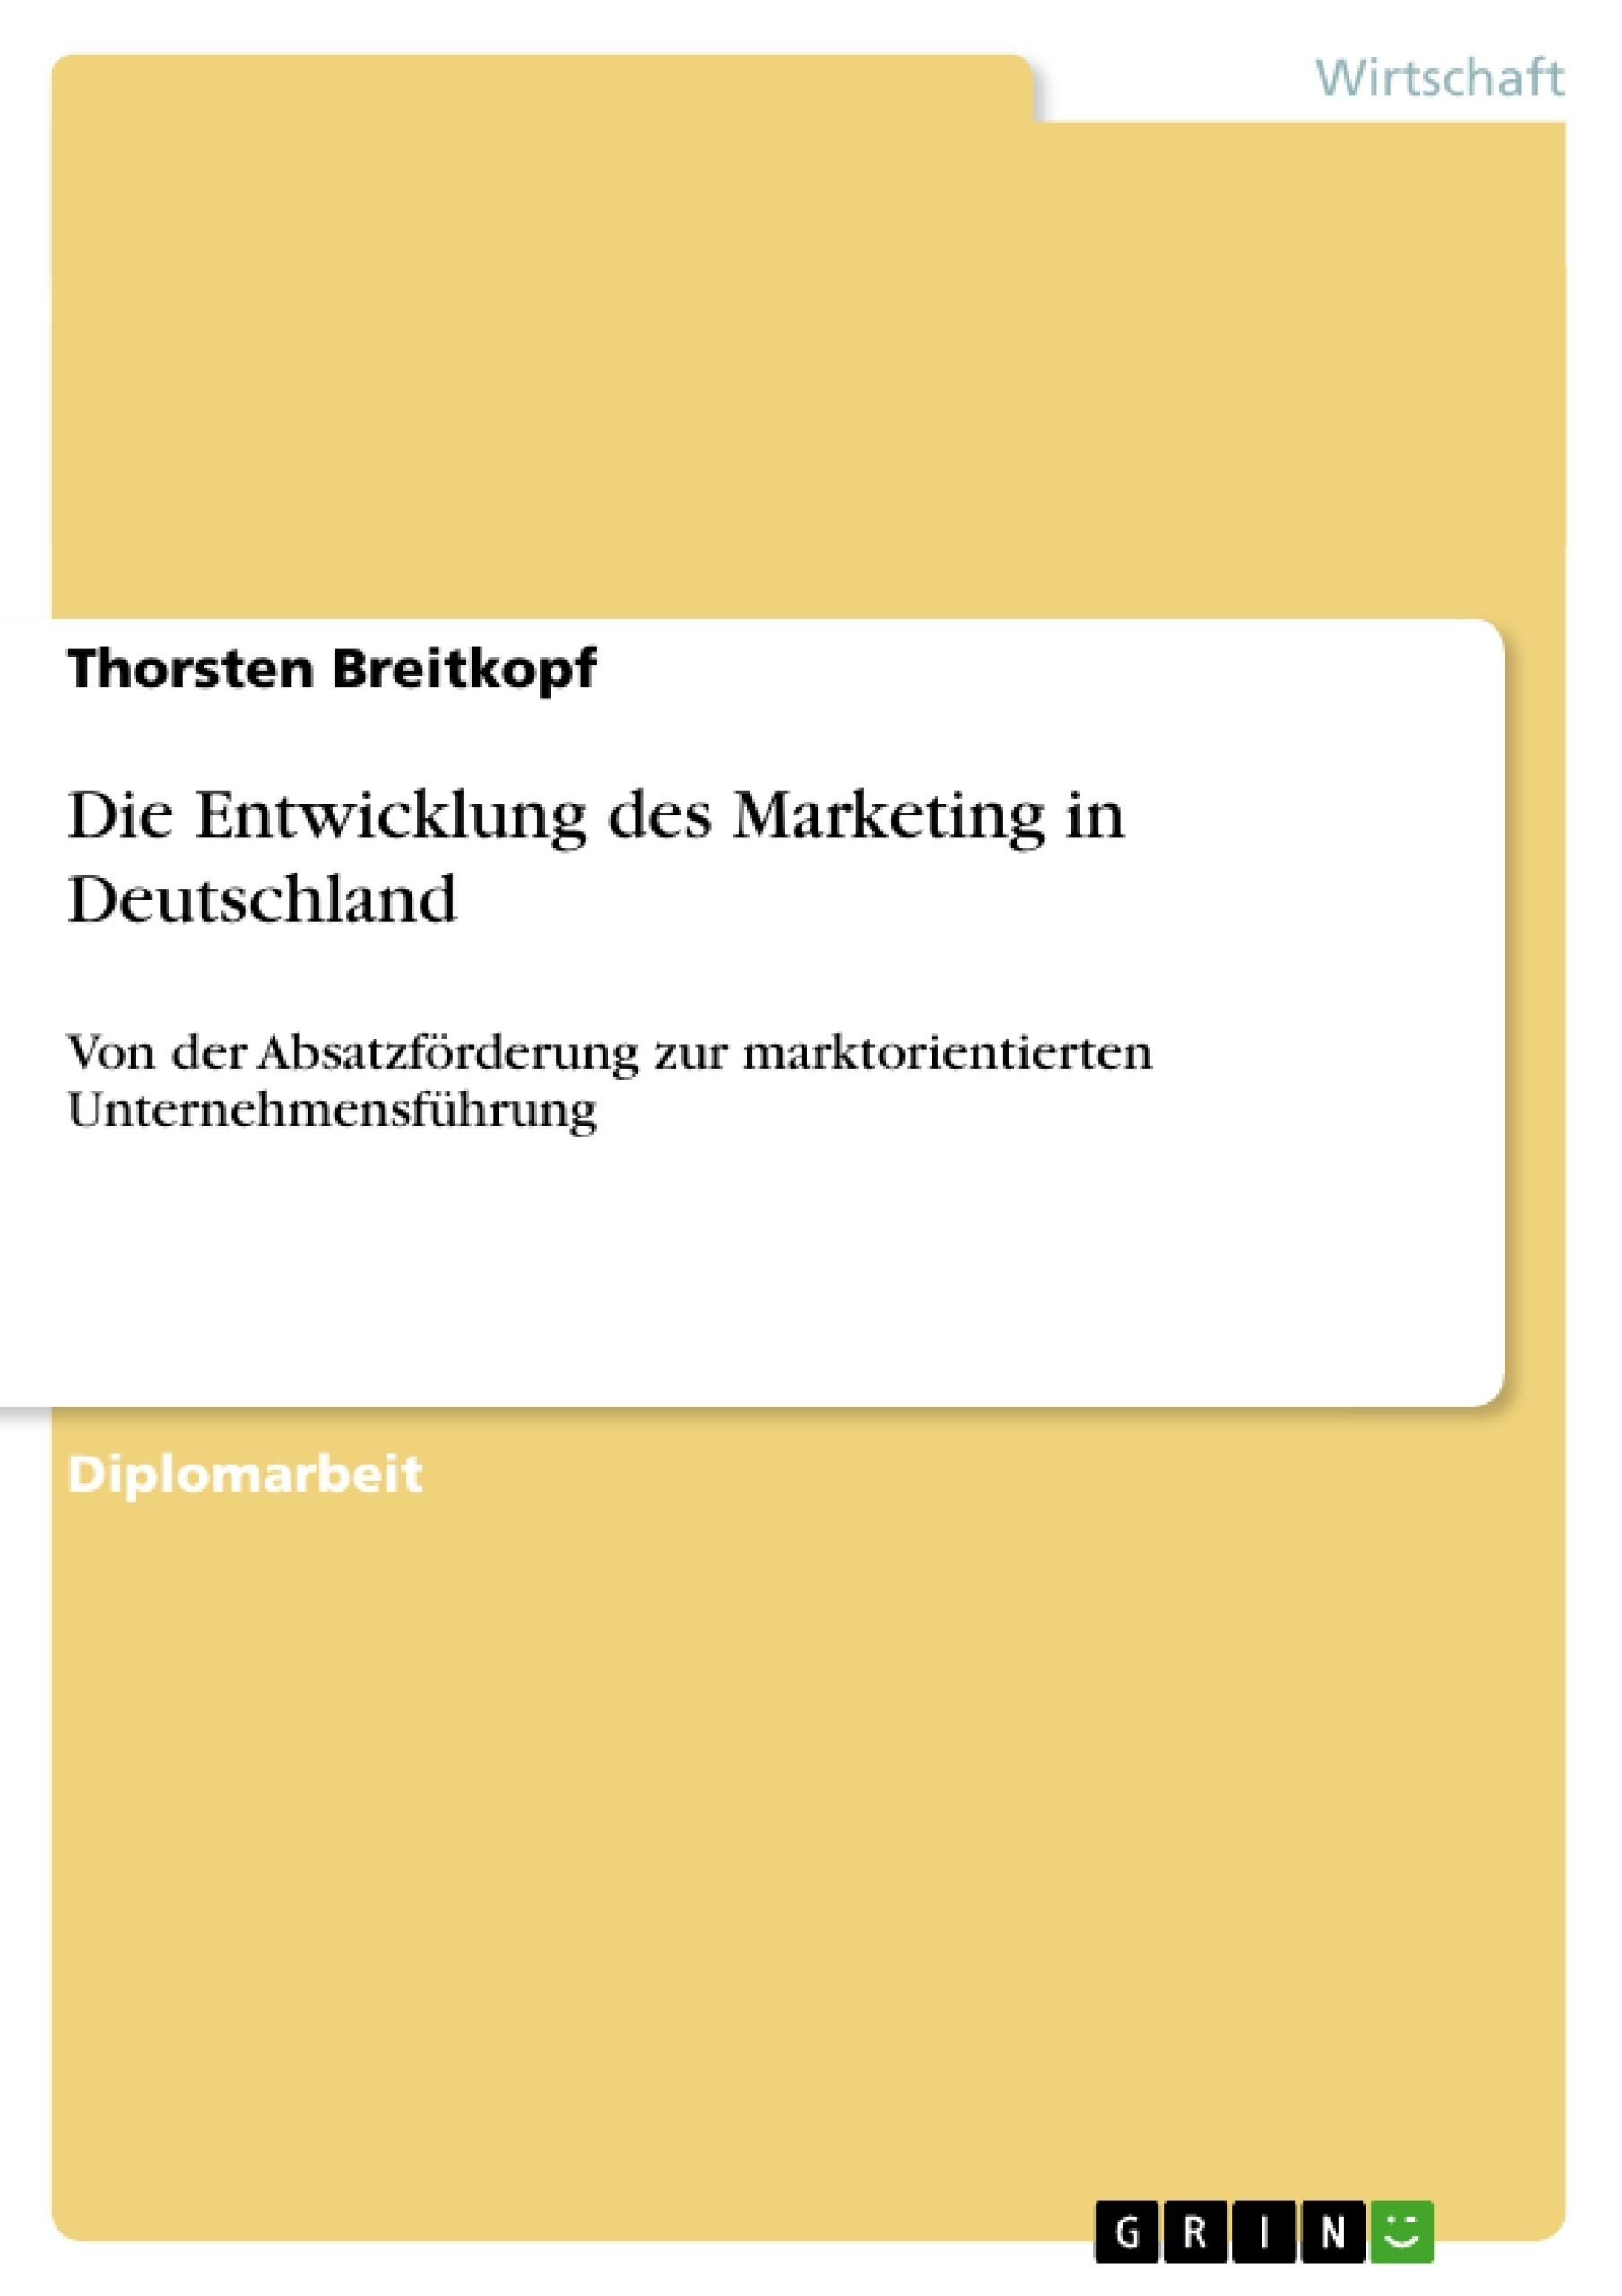 Titel: Die Entwicklung des Marketing in Deutschland